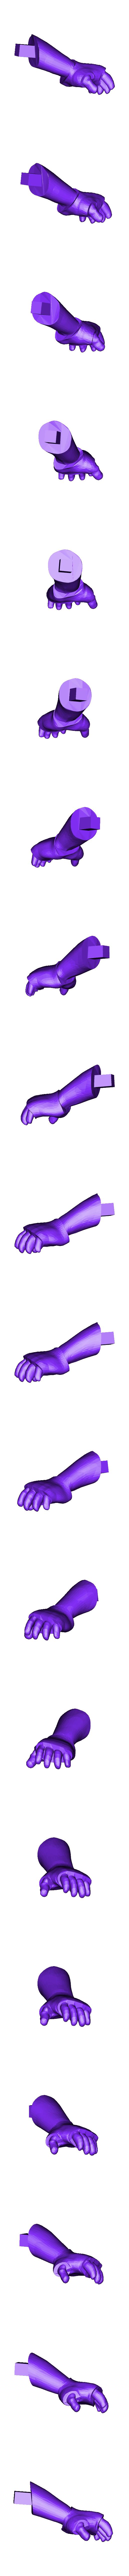 Dob_Hand_Left.stl Download free STL file Dob • 3D printing object, asininedave